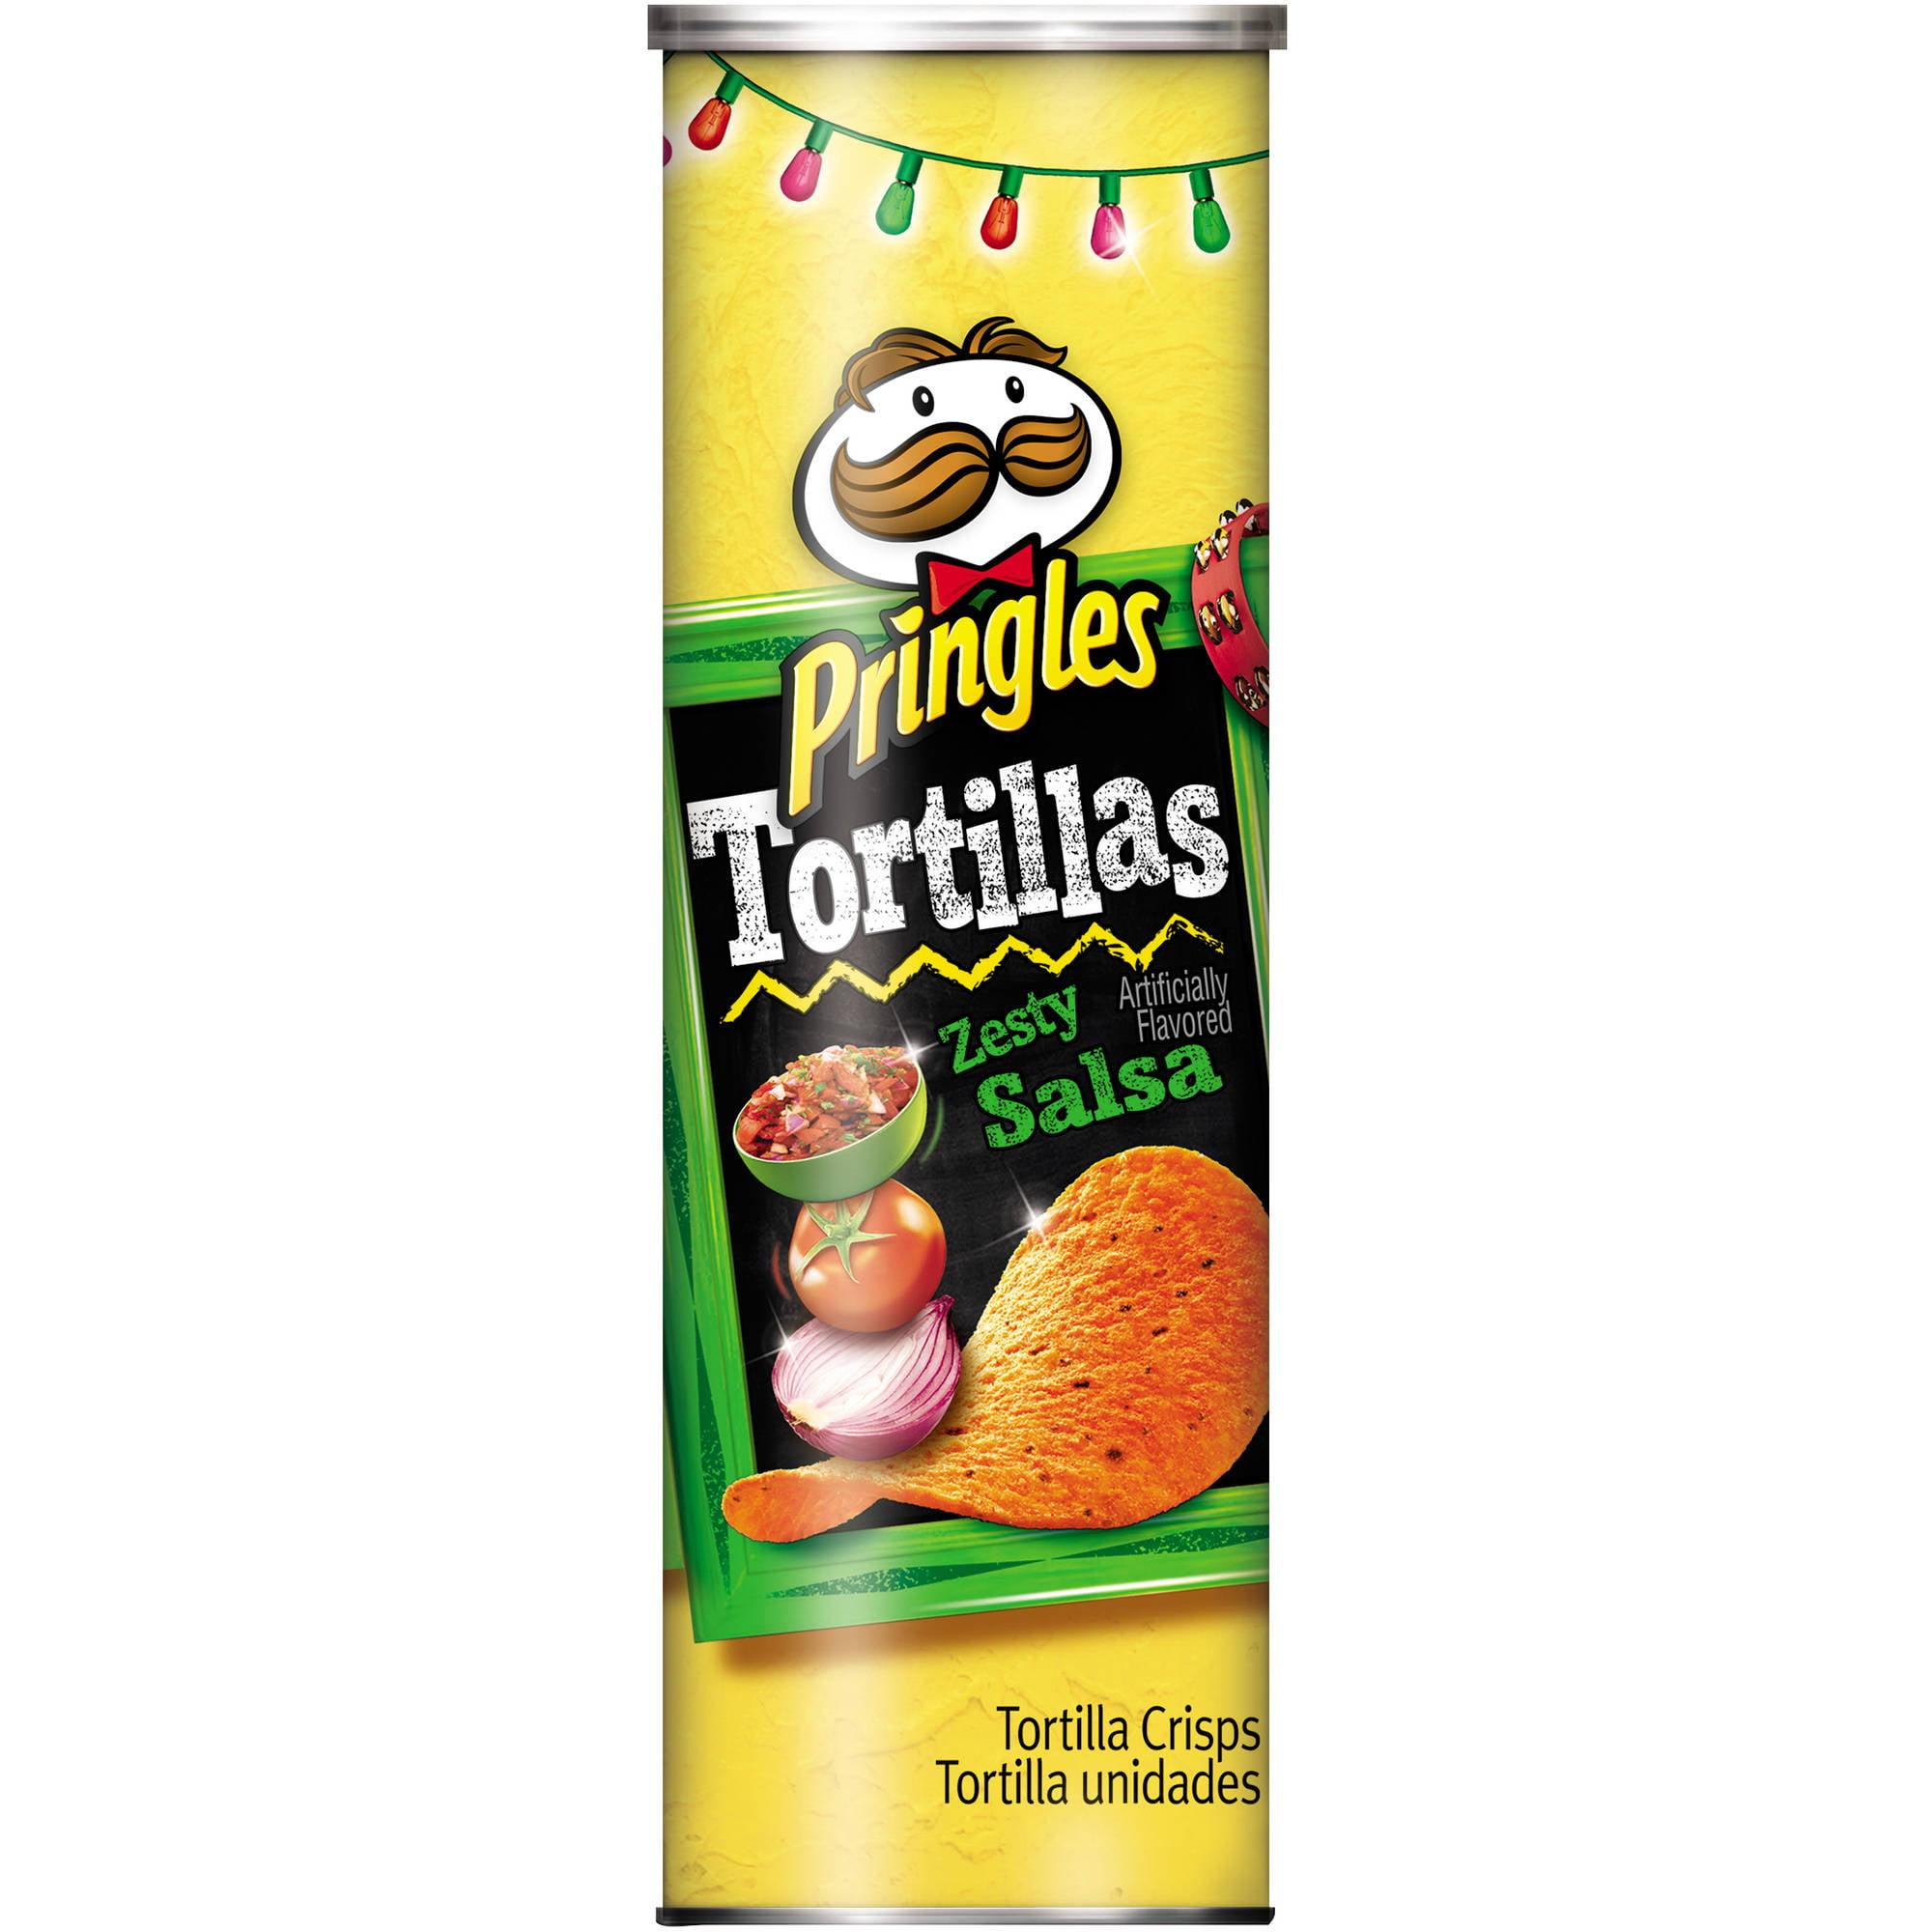 ip Pringles Tortillas Zesty Salsa Tortilla Crisps  oz